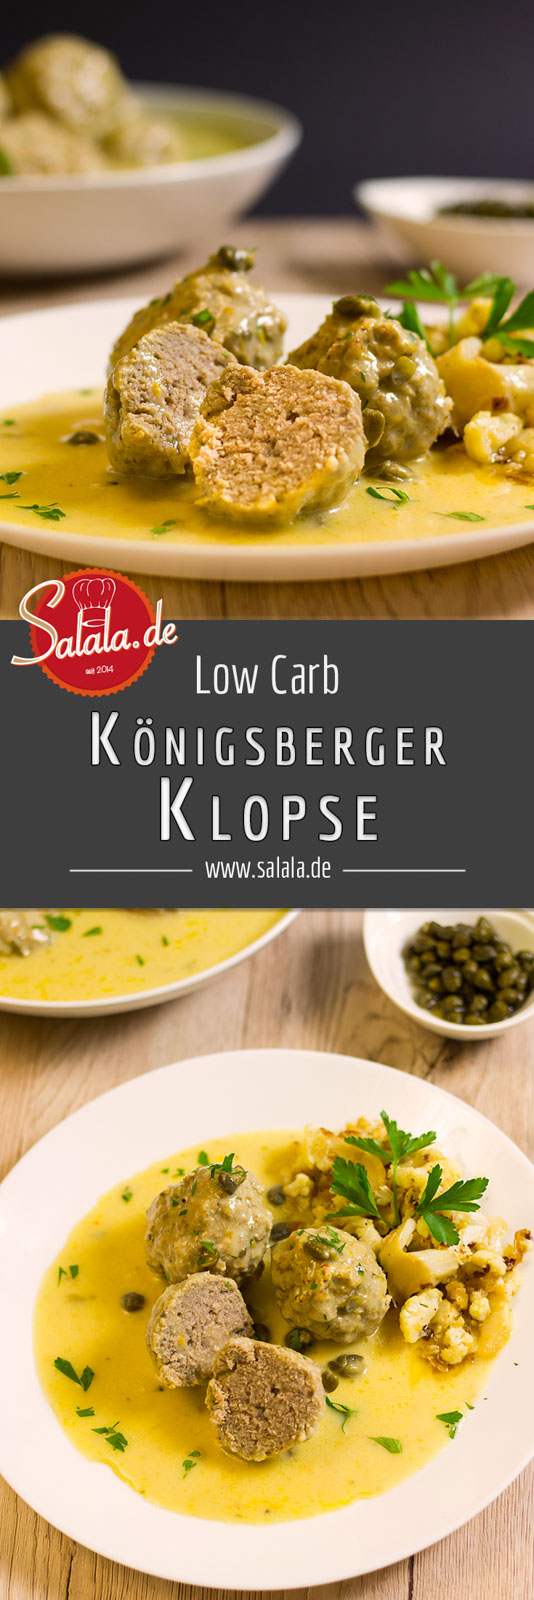 Königsberger Klopse ohne Mehl - low carb und glutenfrei